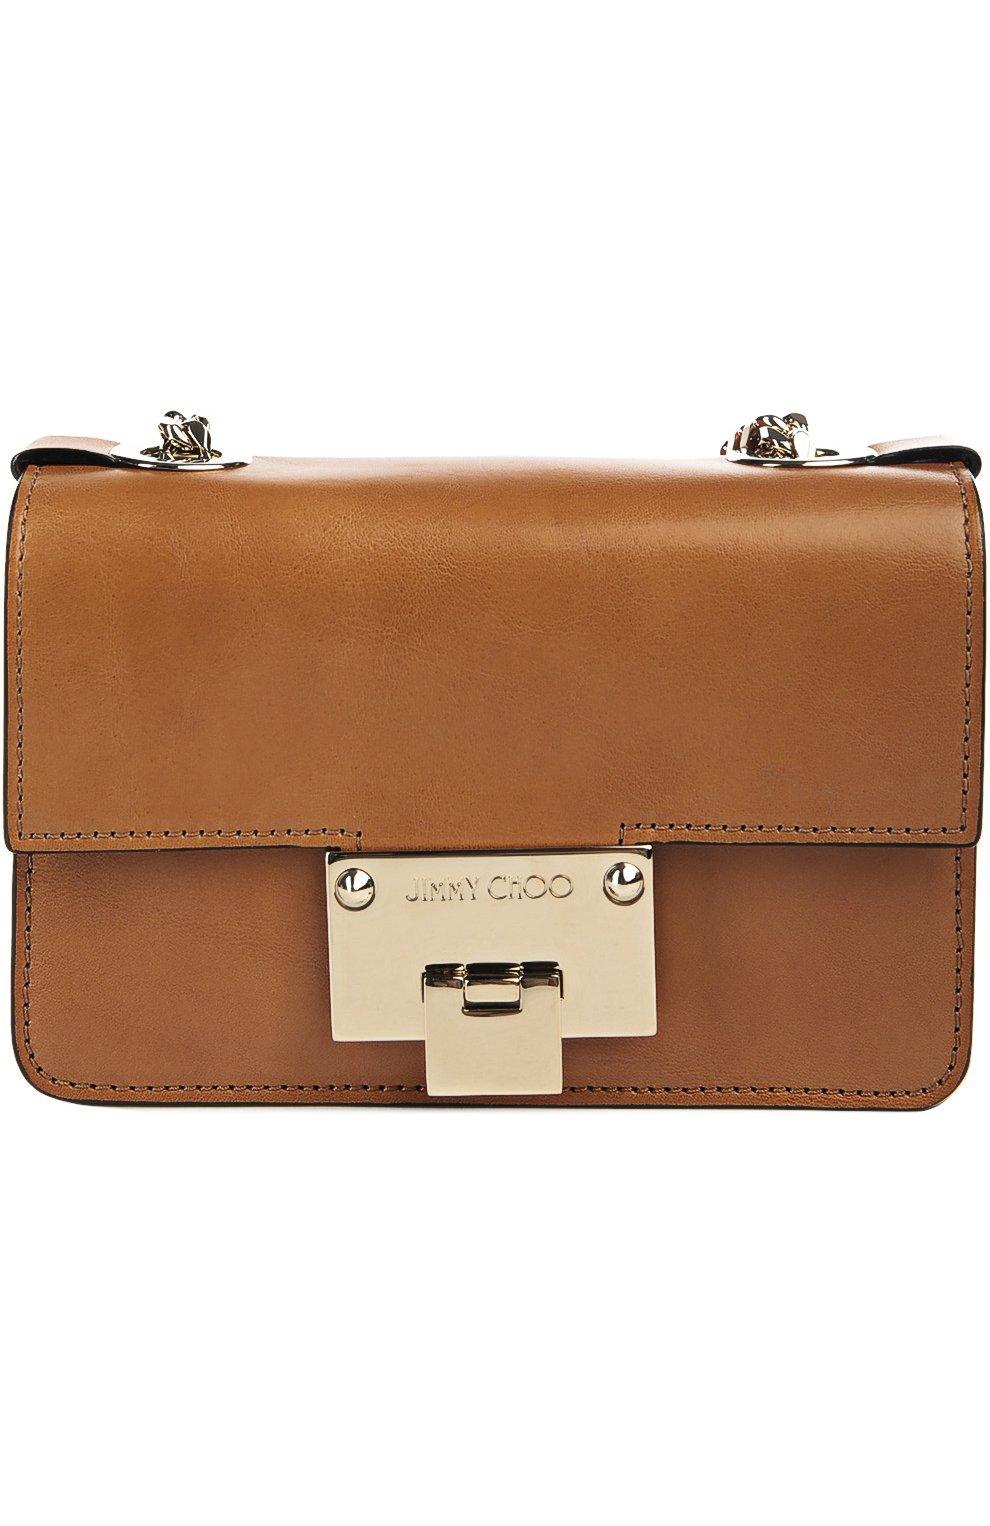 edeff7c13d9c Фото Женская сумка rebel soft mini JIMMY CHOO коричневая цвета Италия  5040383 REBEL S0FT MINI/